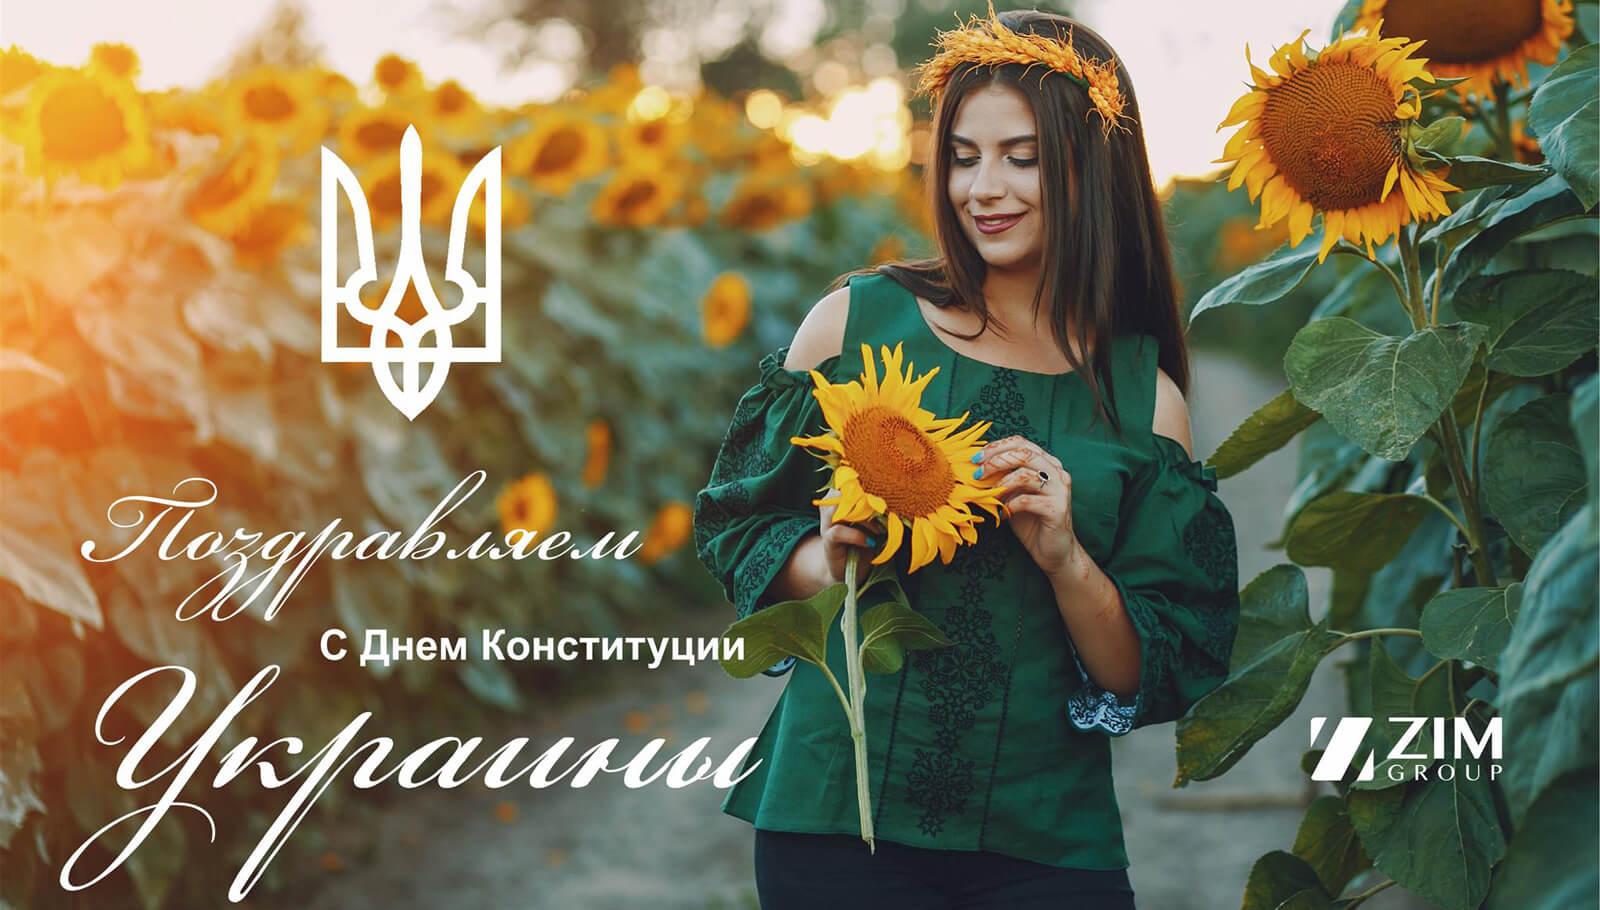 Поздравления с днем конституции украины картинки, открытка